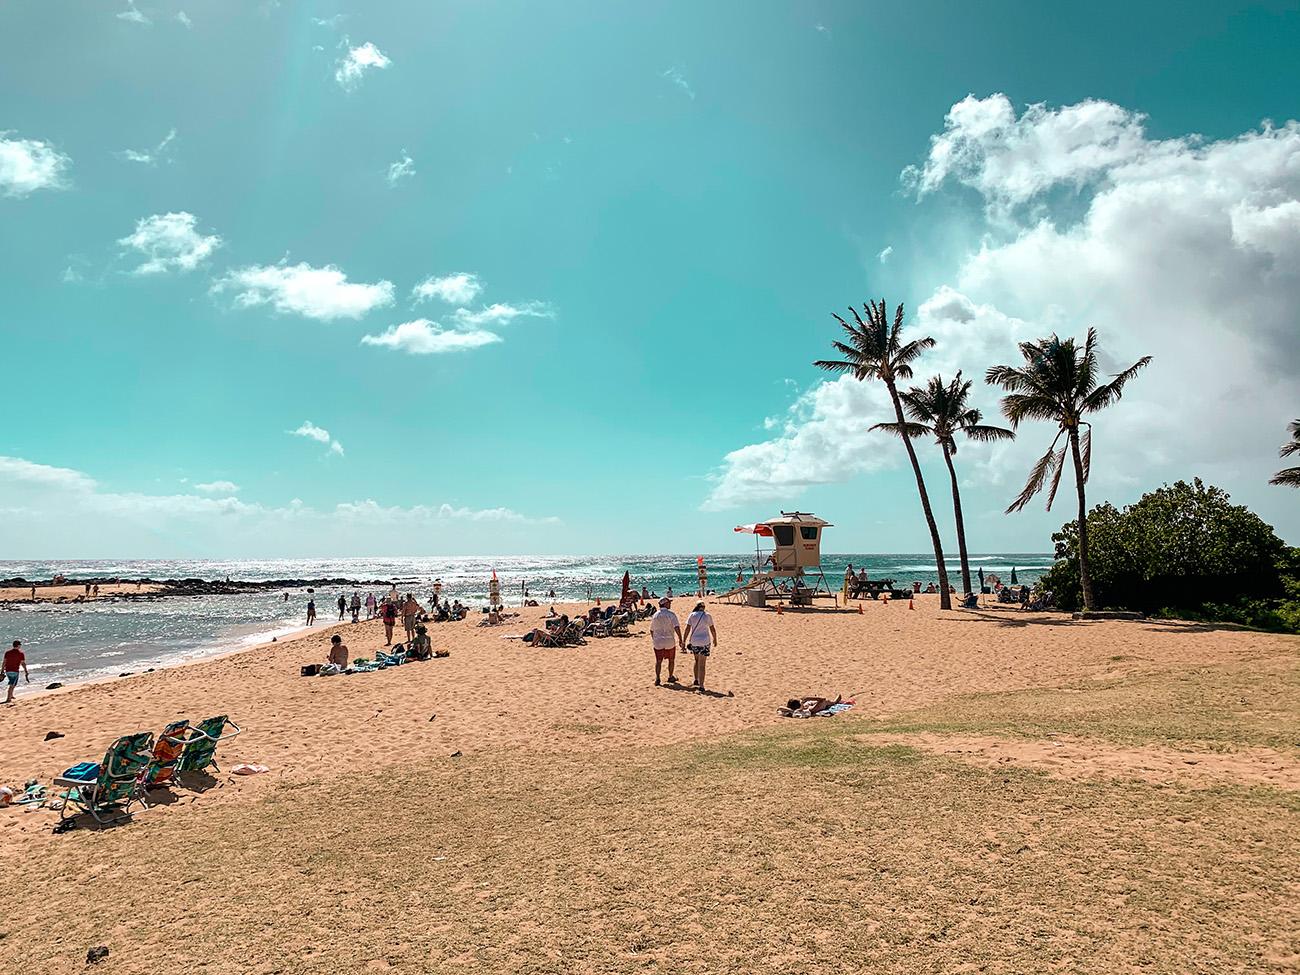 things to do in Kauai - best beaches in Kauai